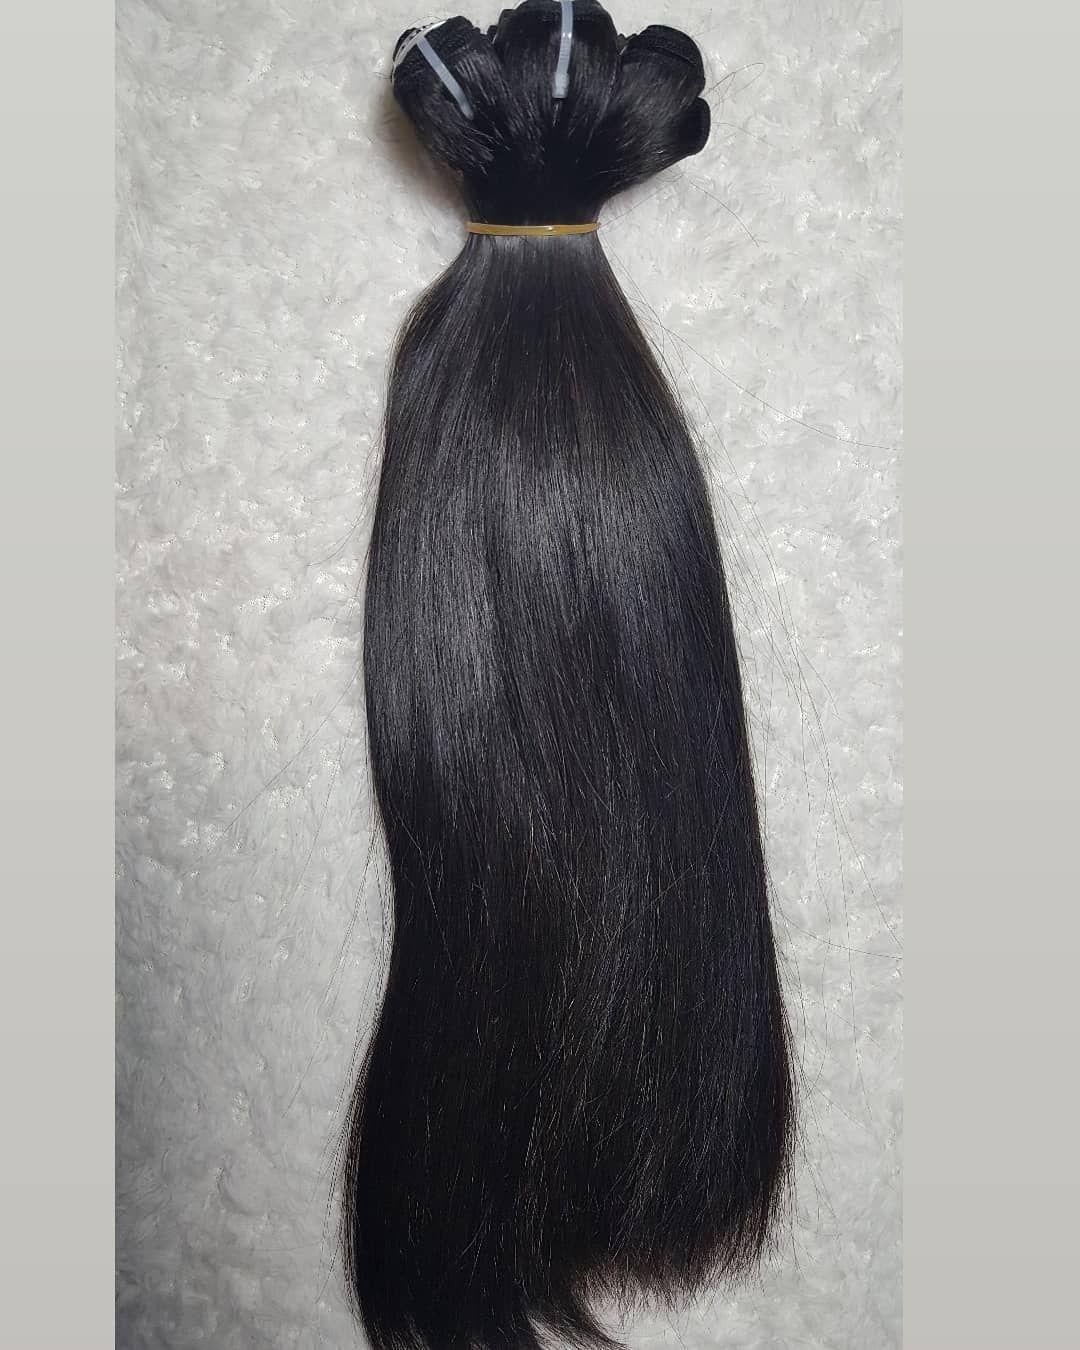 Bone Straight Hair 16 Inches